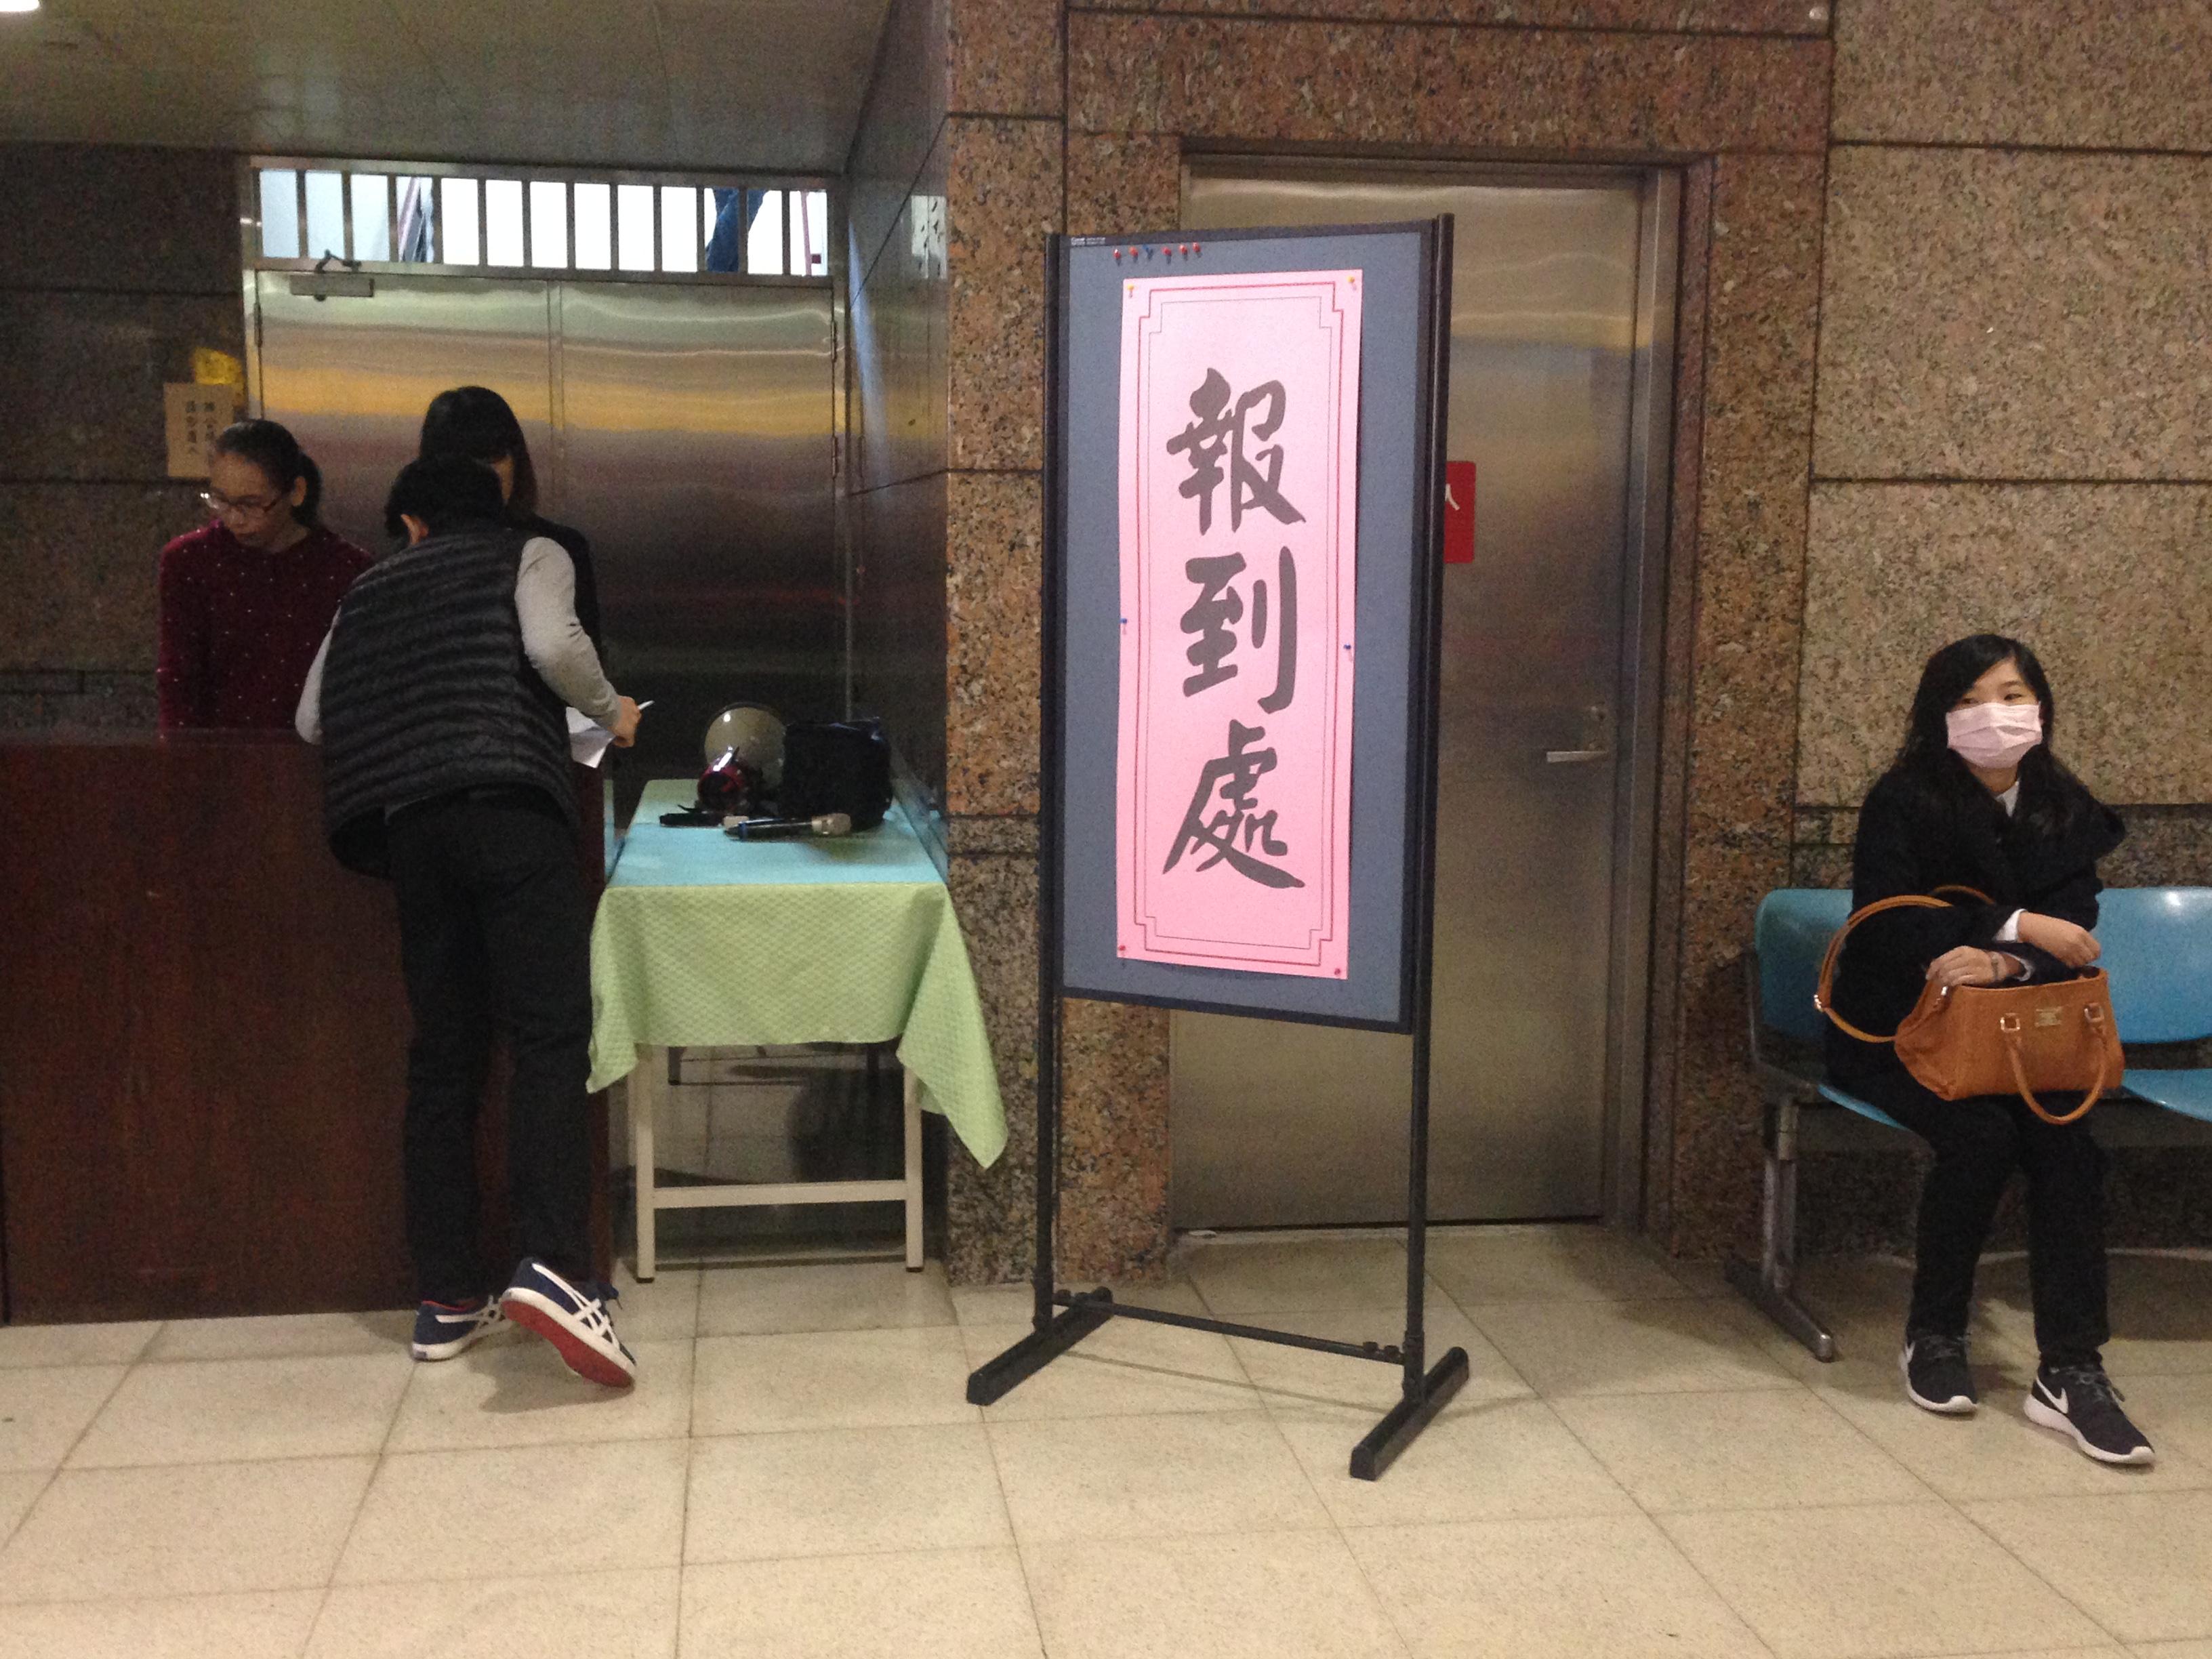 依法休假的勞工,在考成會報到處等待意見陳述的機會。(攝影:張宗坤)